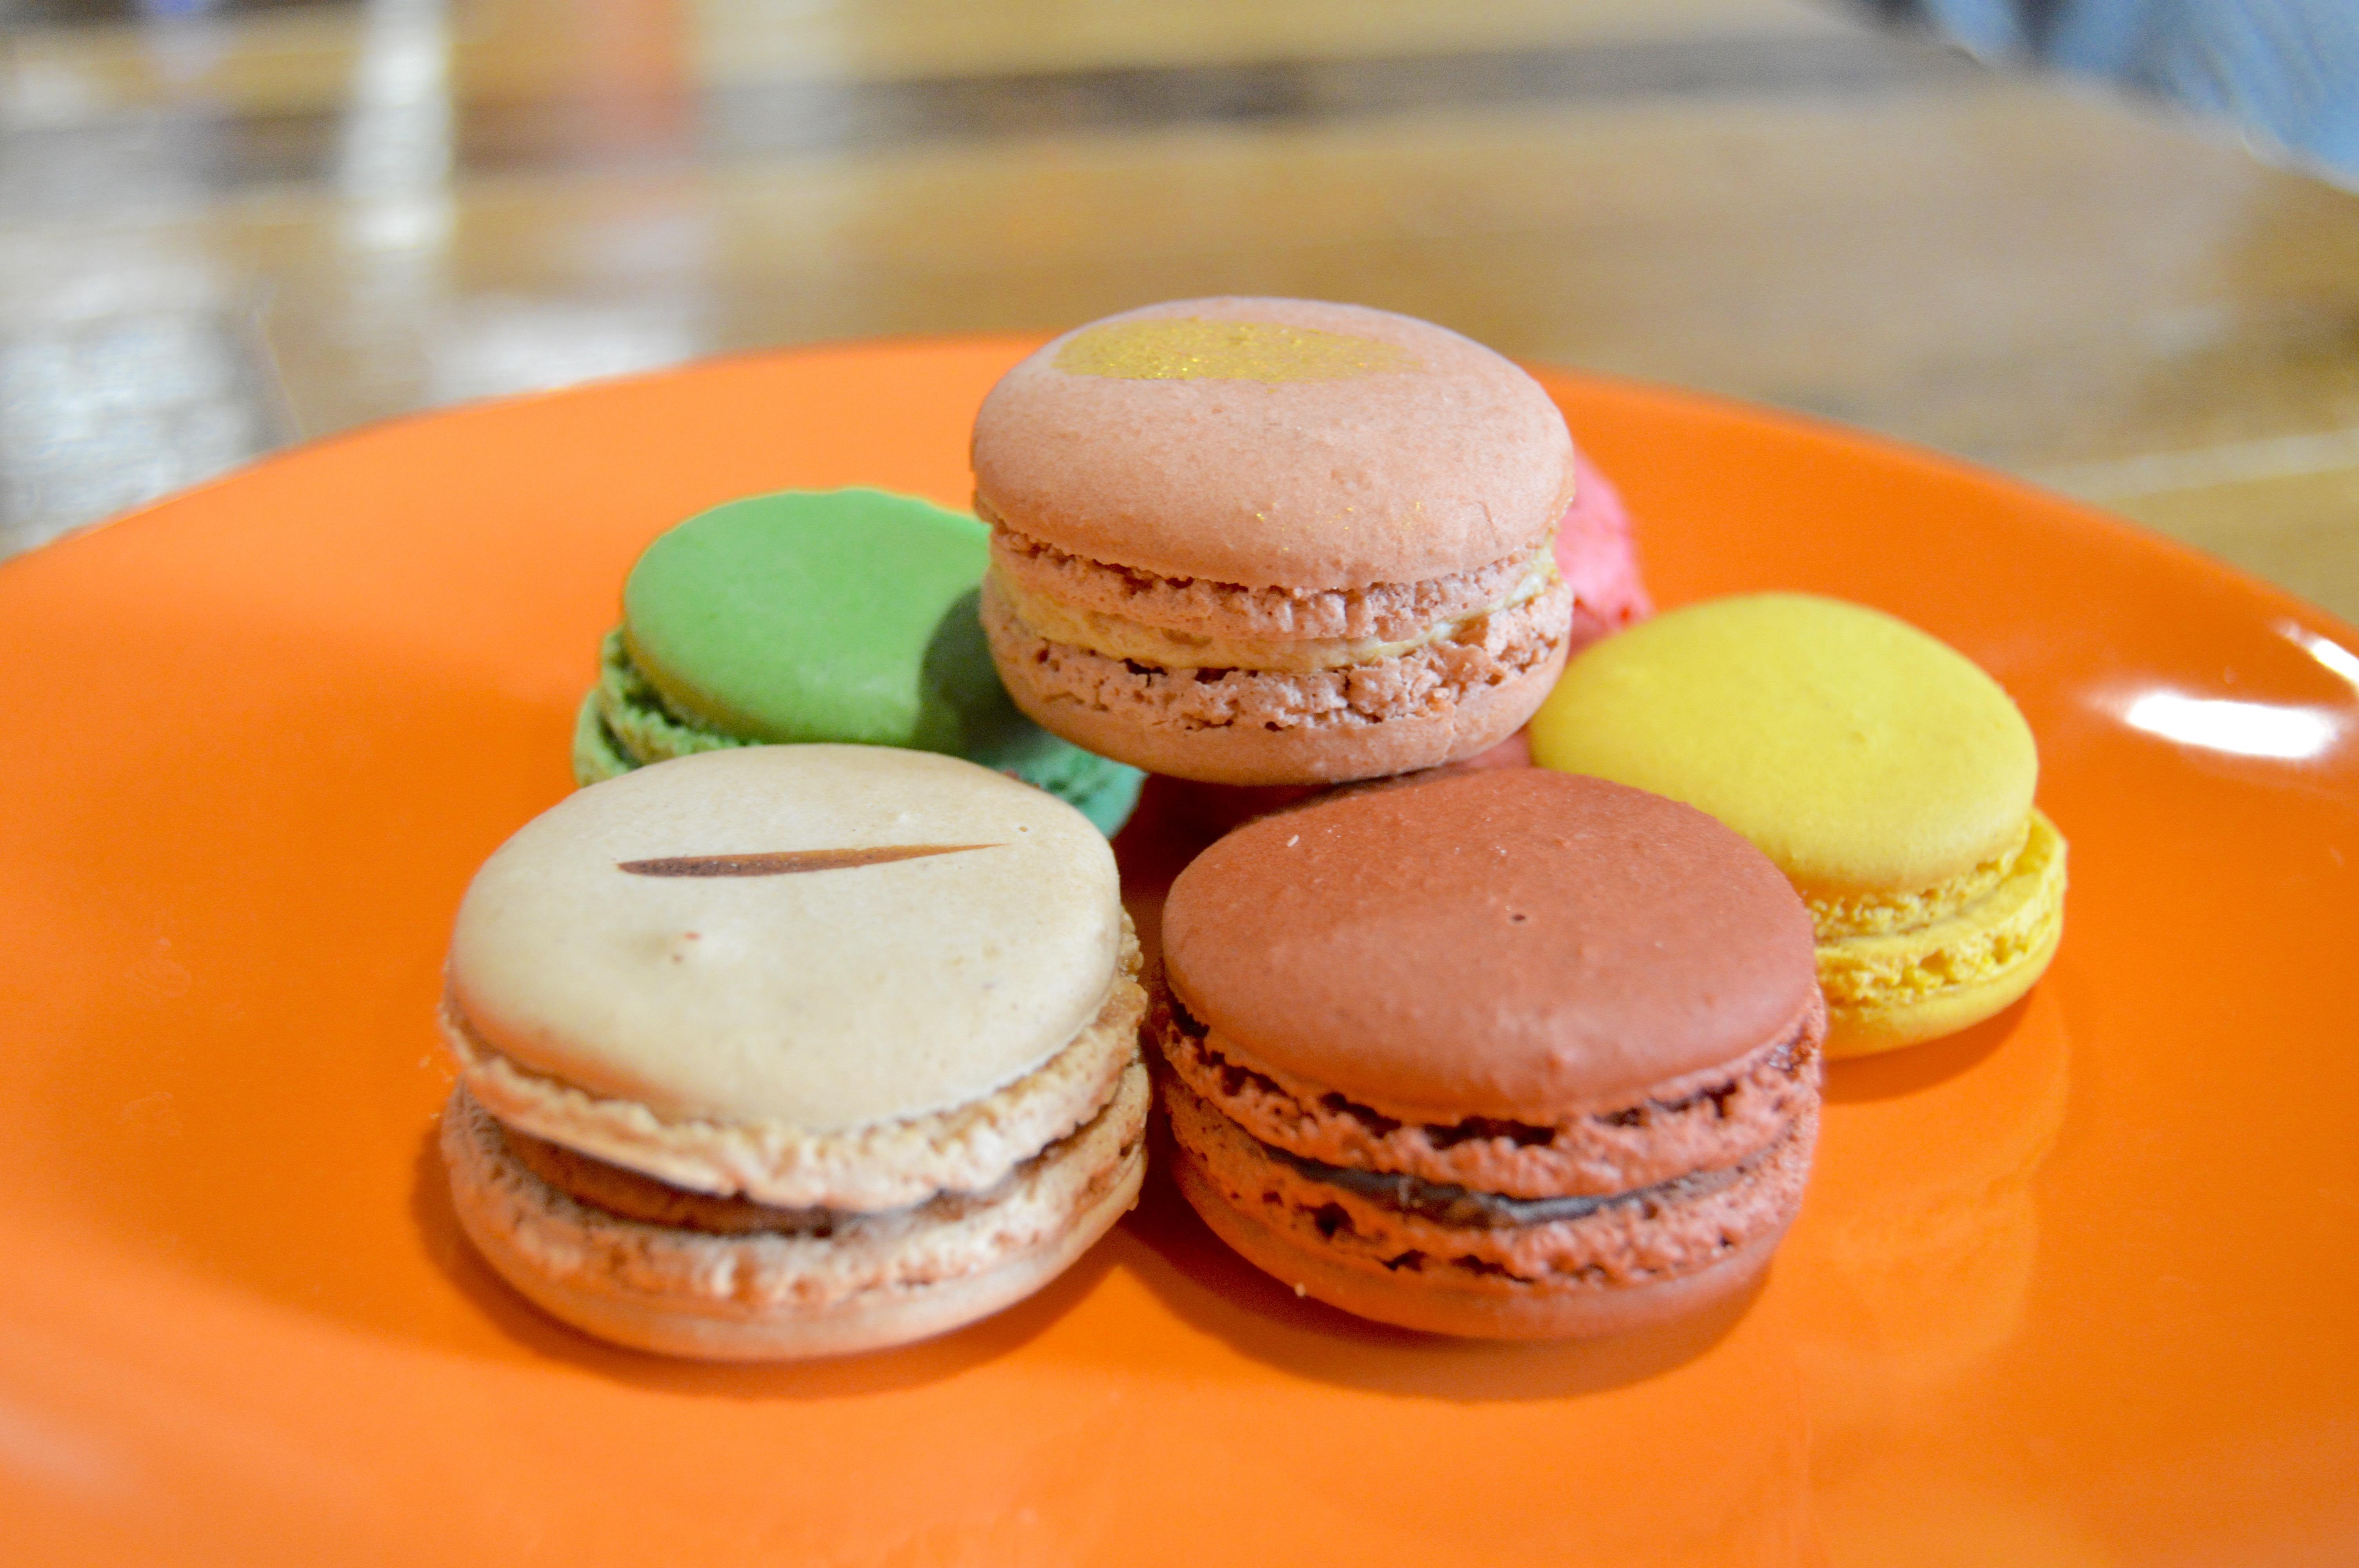 Pitchoun Macarons